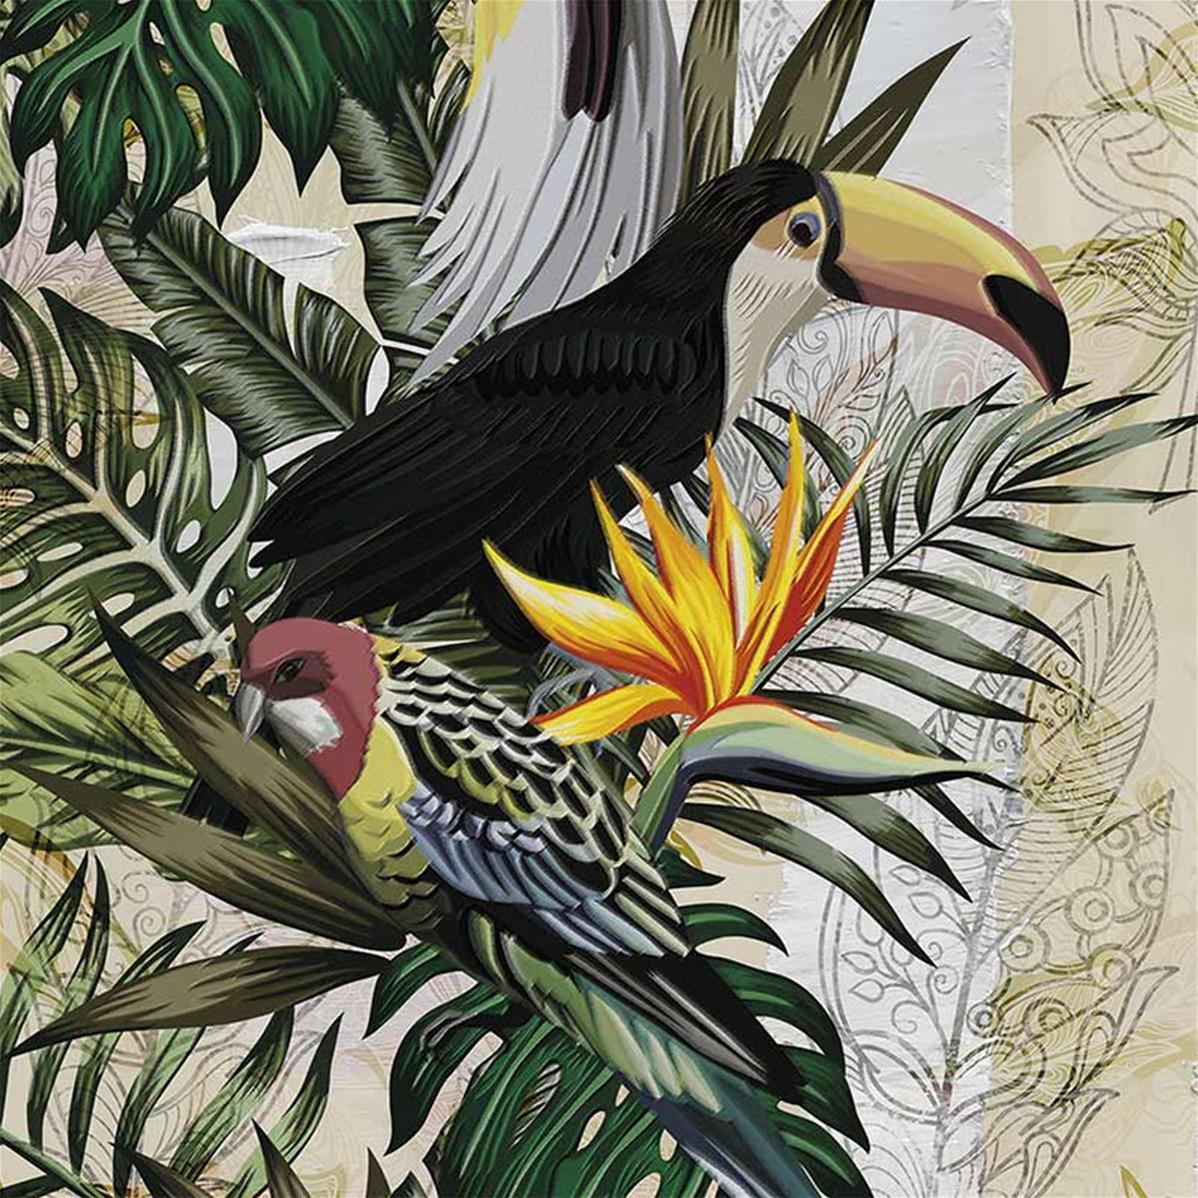 Papier peint tropical toucan, papier peint exotique chic | Muraem